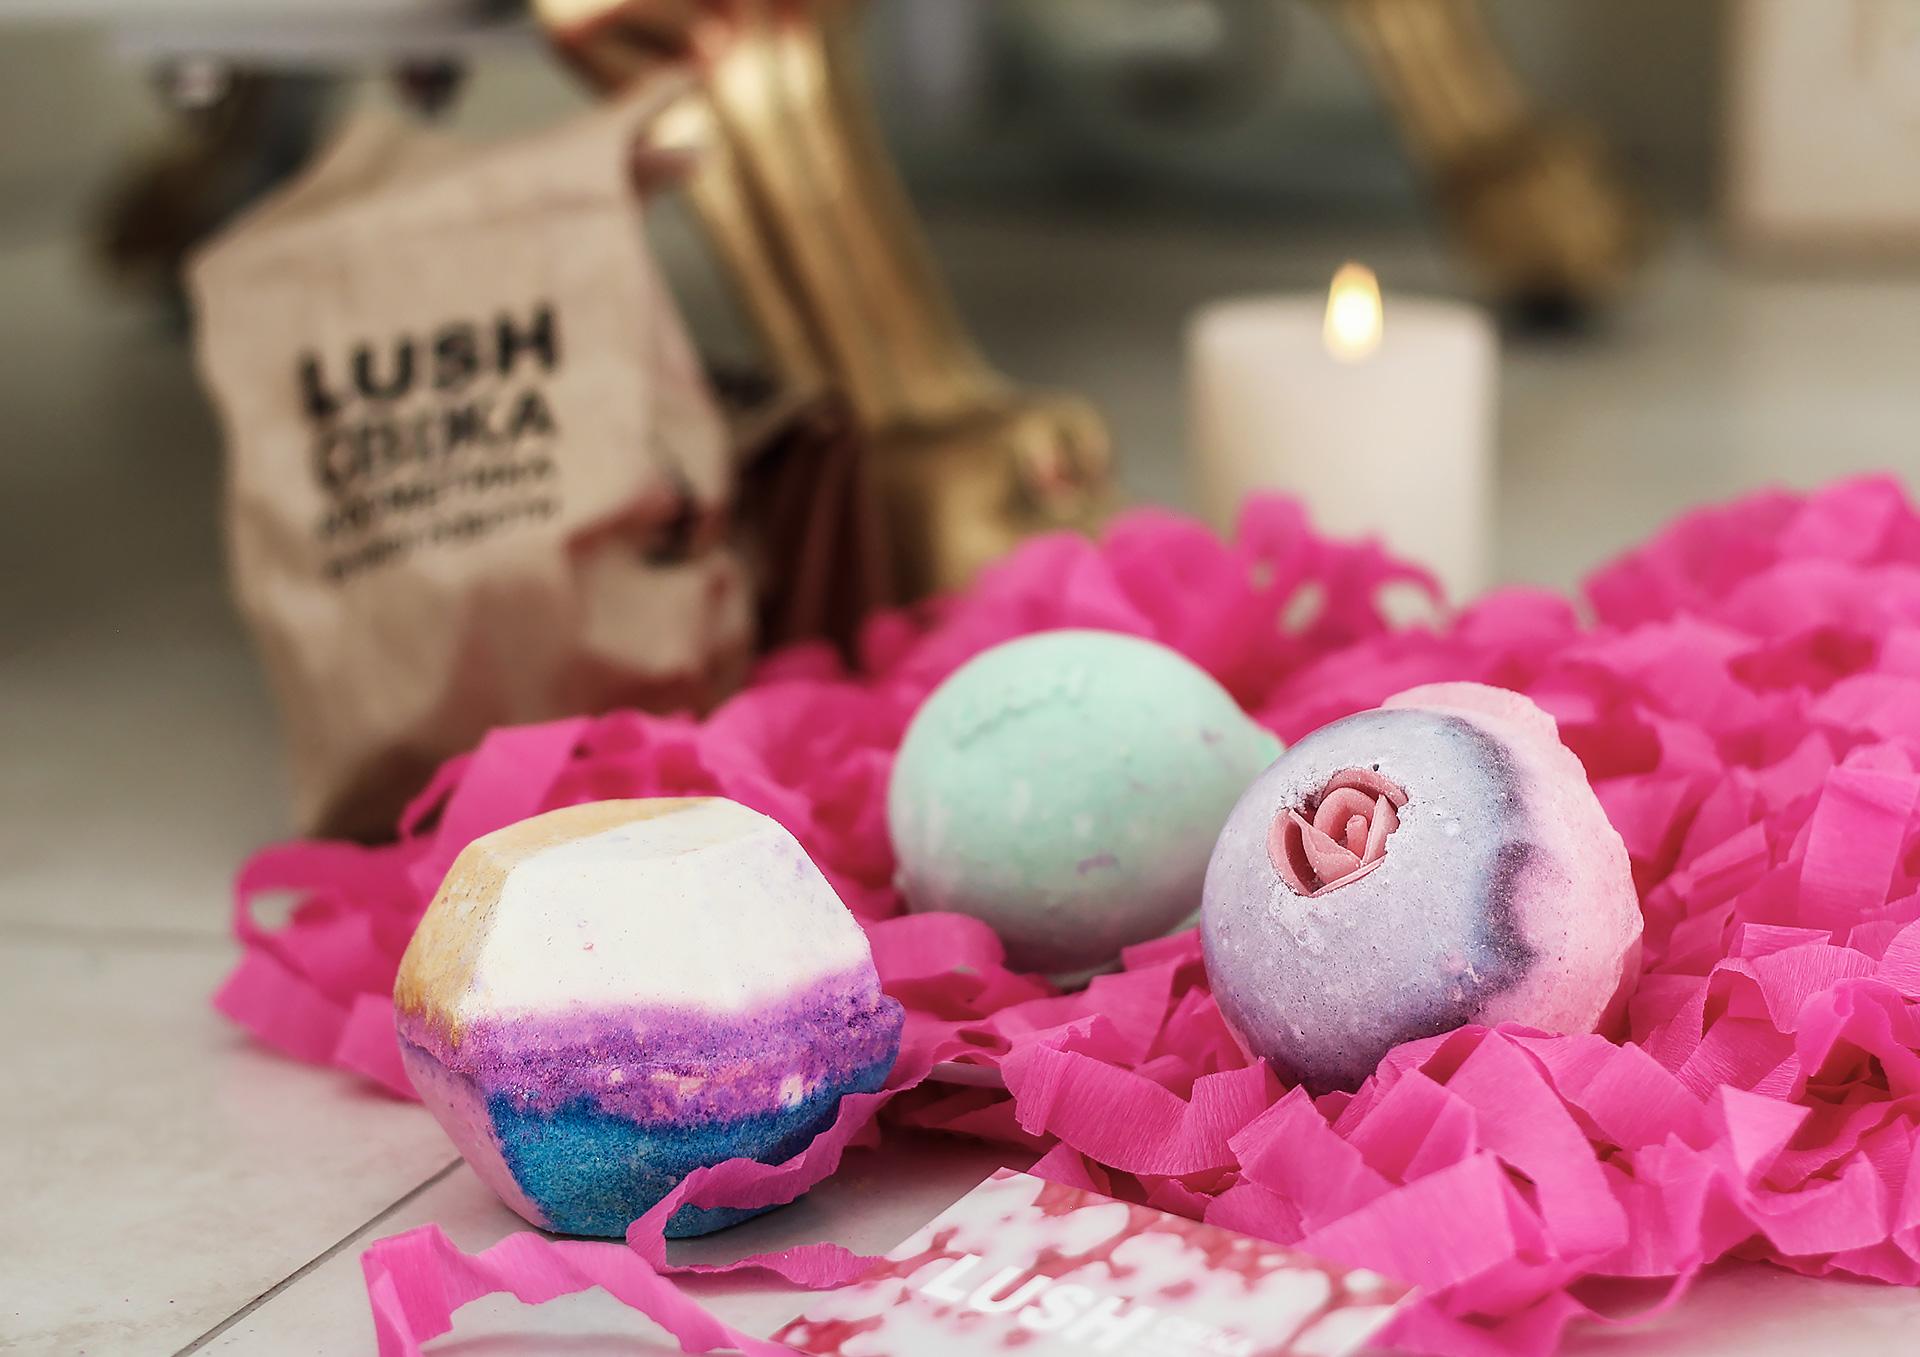 Бомбы для ванны LUSH - отзыв / Bath Bombs LUSH - review